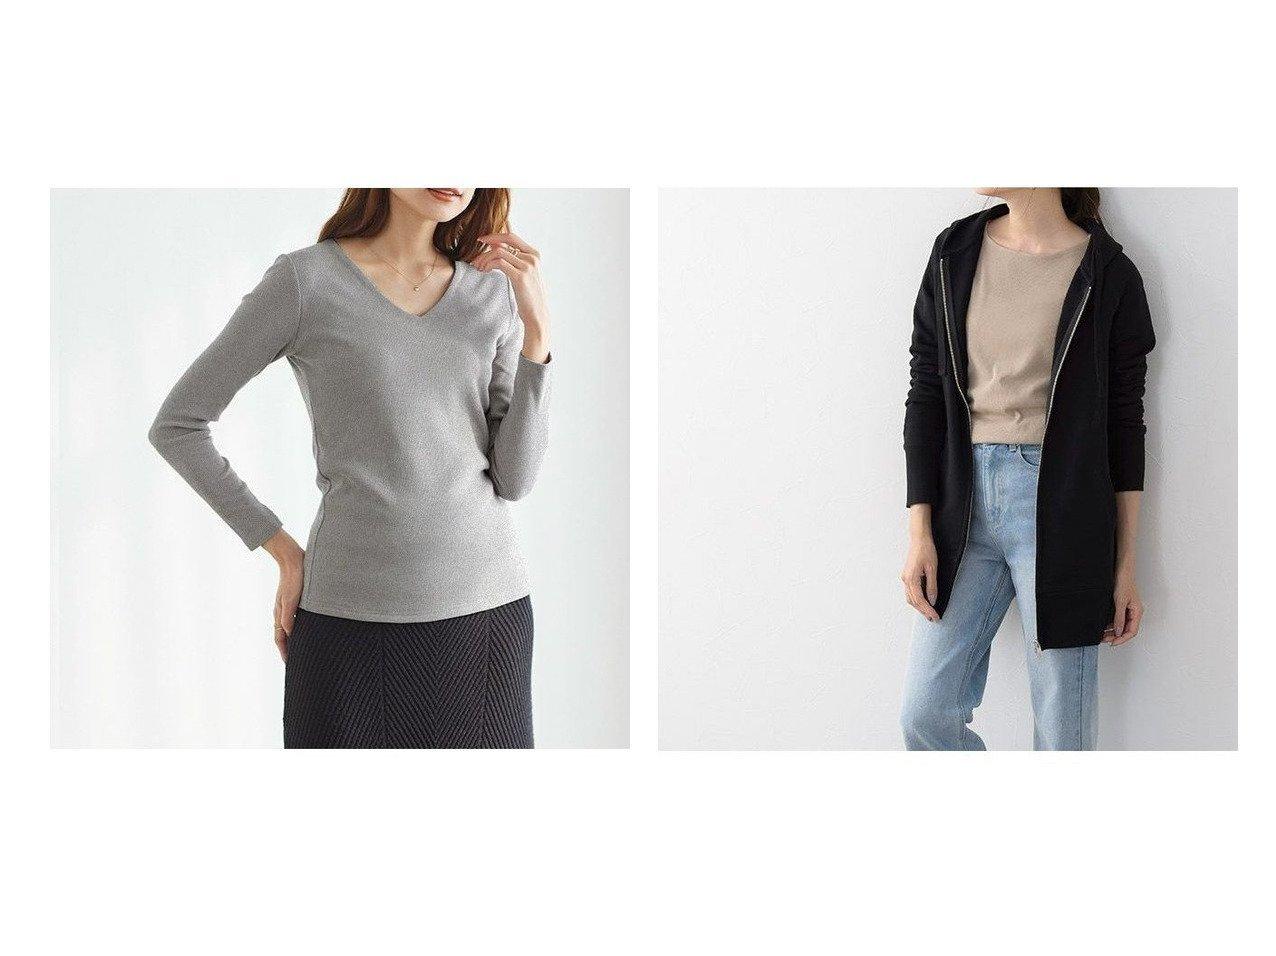 【Pierrot/ピエロ】の3ネックから選べる テレコリブカットソー MD2&スウェット素材Wジップロング丈パーカー おすすめ!人気!プチプライスで上品なファッションアイテムの通販  おすすめで人気の流行・トレンド、ファッションの通販商品 メンズファッション・キッズファッション・インテリア・家具・レディースファッション・服の通販 founy(ファニー) https://founy.com/ ファッション Fashion レディースファッション WOMEN トップス カットソー Tops Tshirt カットソー Cut and Sewn パーカ Sweats スウェット Sweat シンプル トレンド フィット プチプライス・低価格 Affordable ボーダー ラウンド 無地 吸水 スウェット スタイリッシュ ダウン パーカー ポケット ロング |ID:crp329100000021286